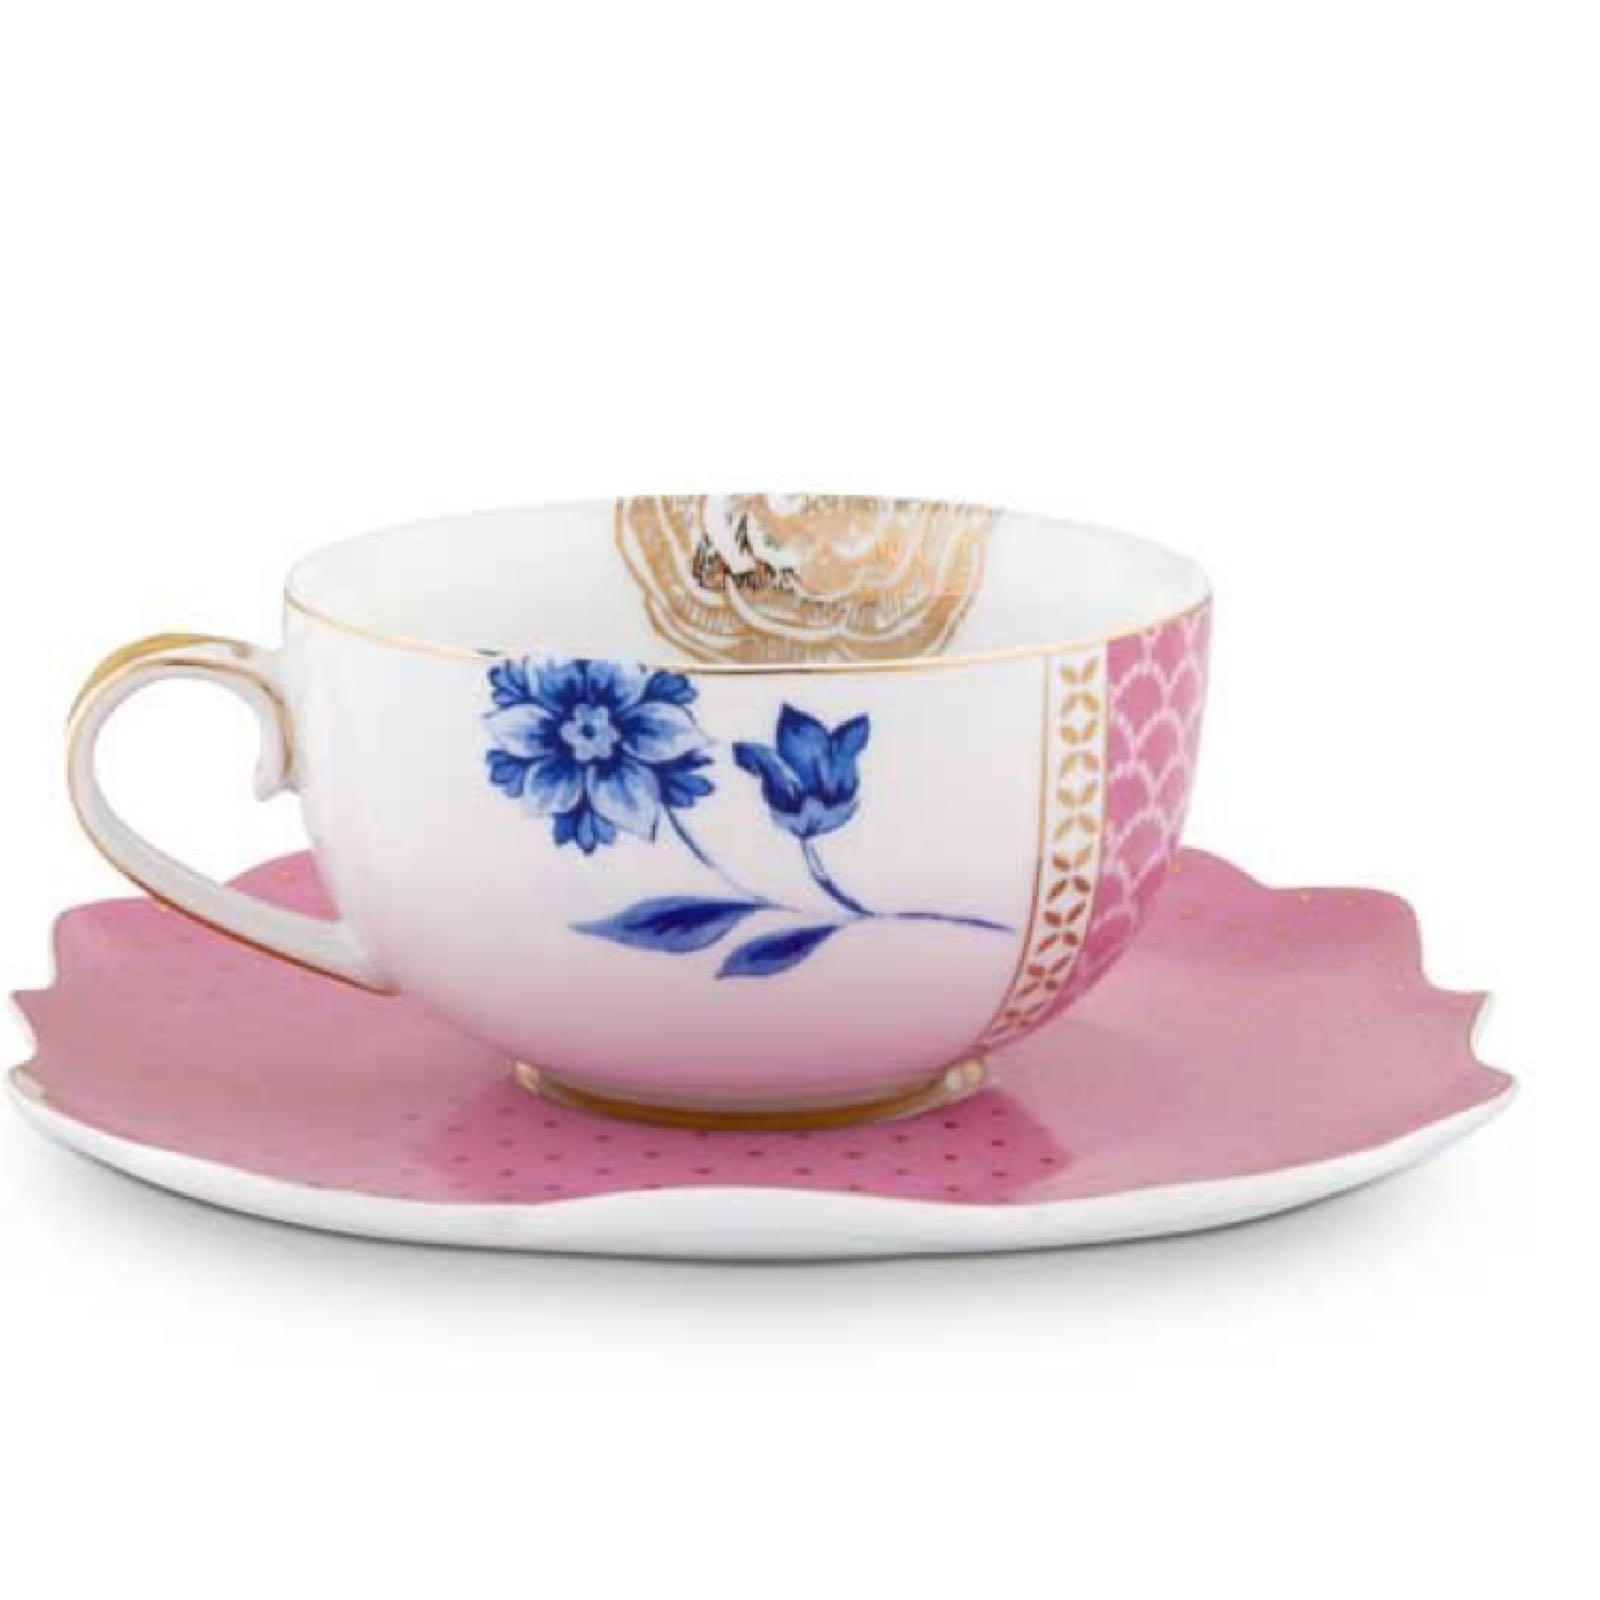 Pip studio tea cup & saucer royal pink